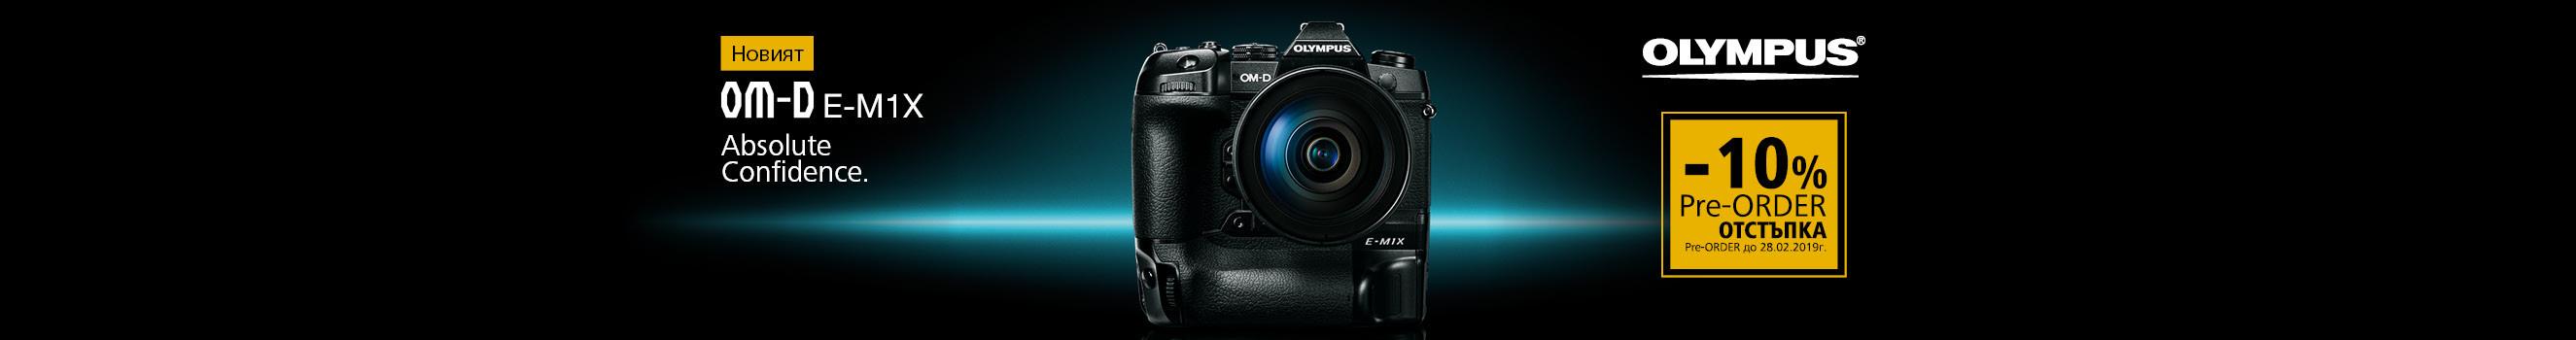 Фотоапарат Olympus E-M1X с 10% отстъпка при предварителна поръчка